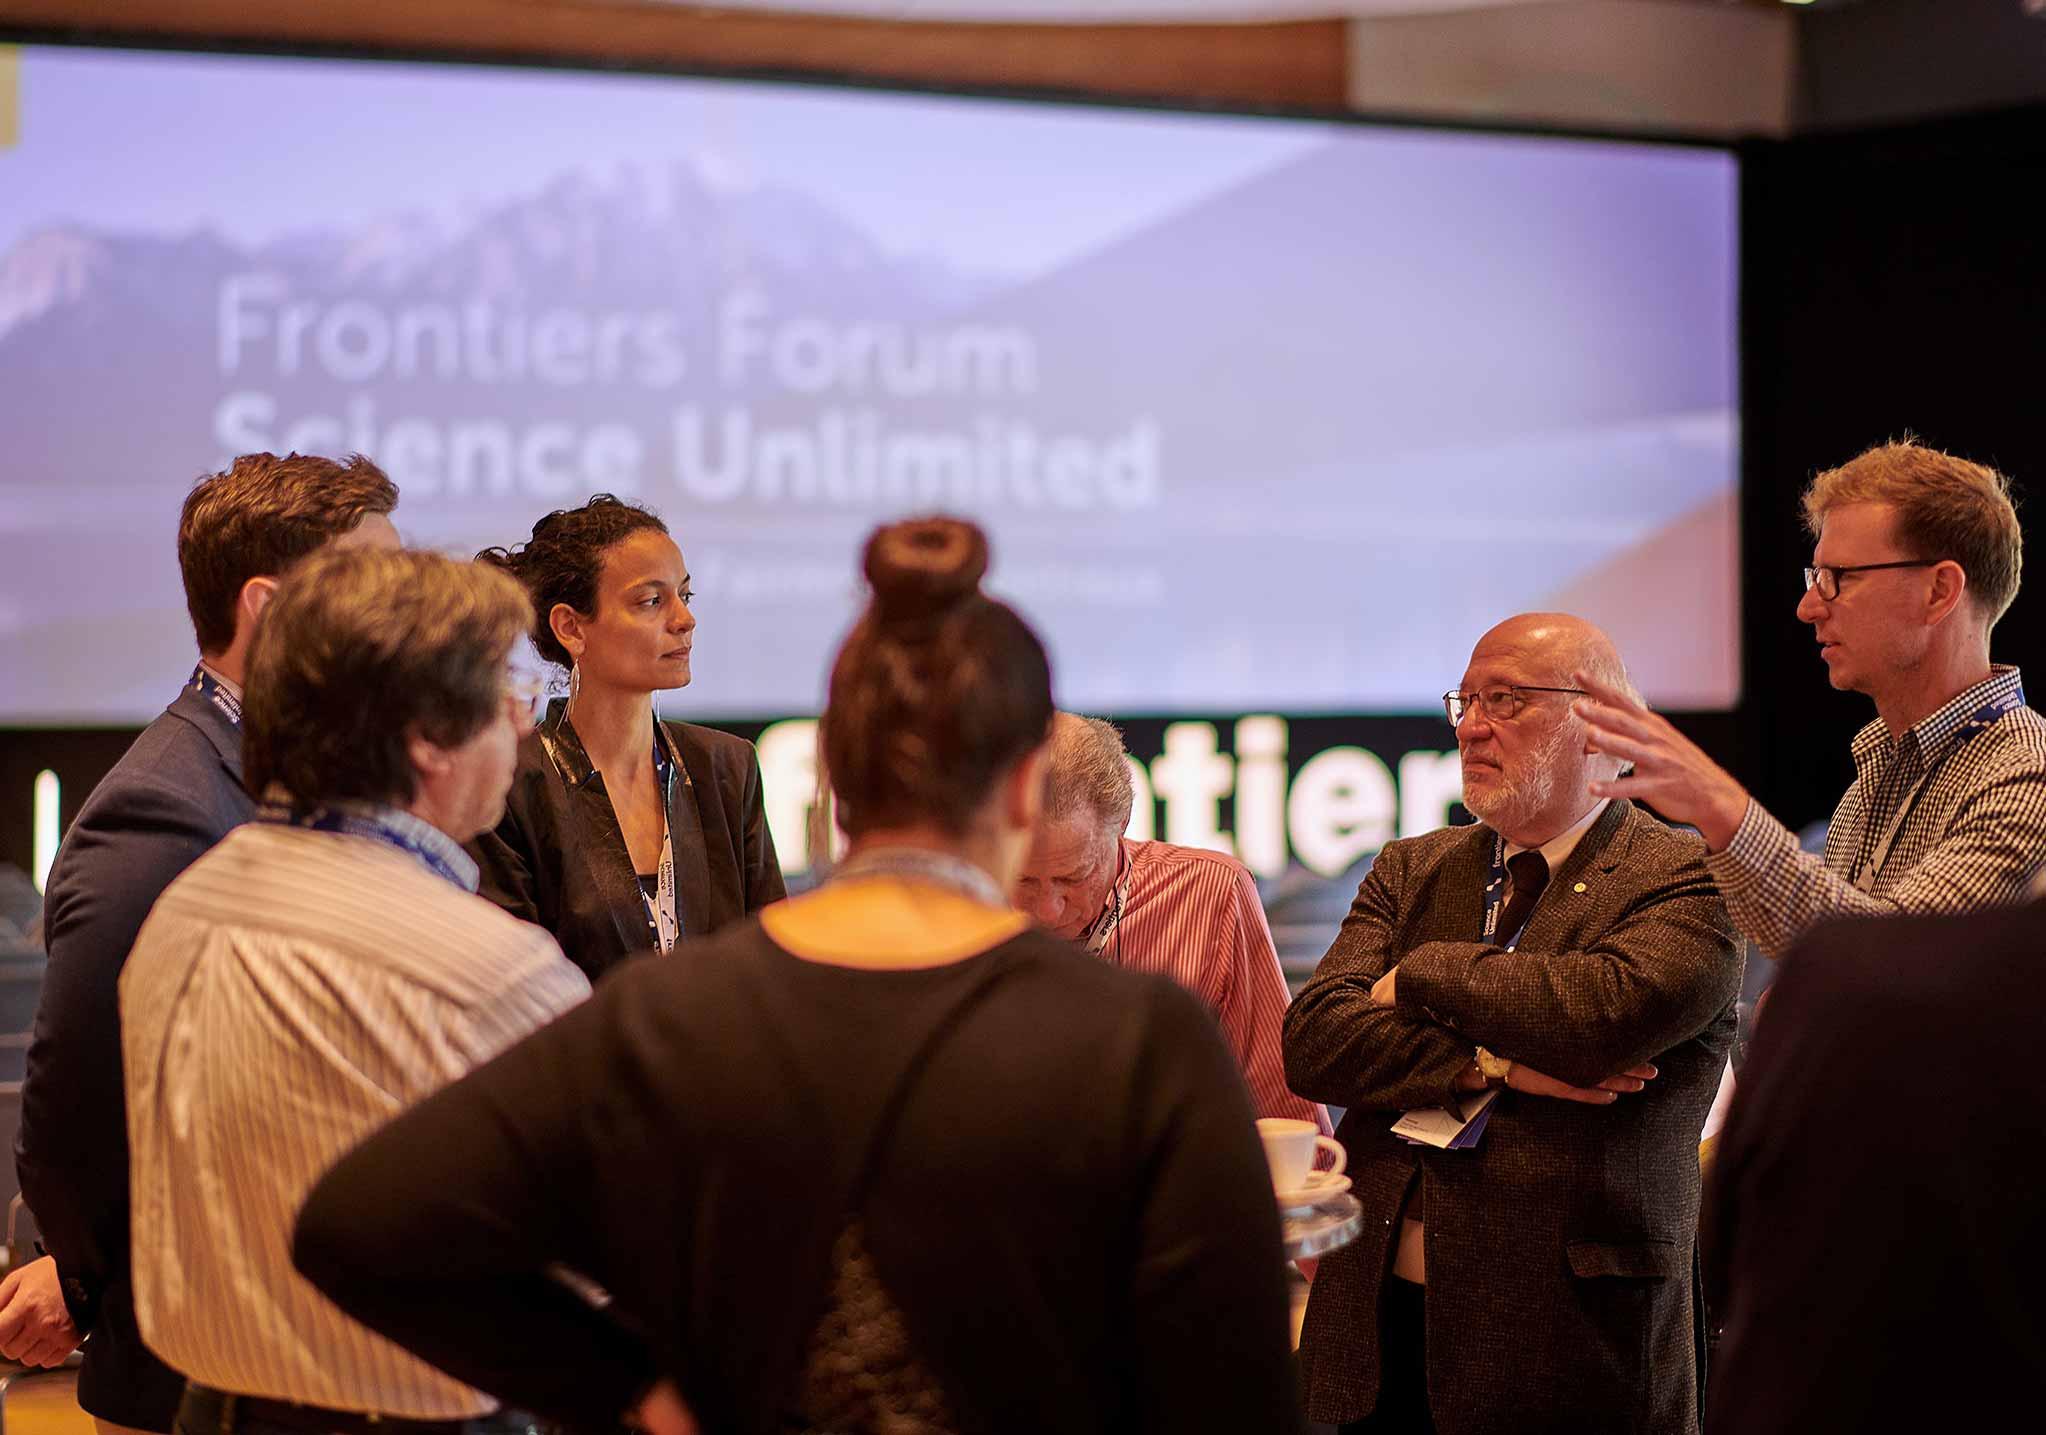 frontiers-forum-sunday-2.jpg